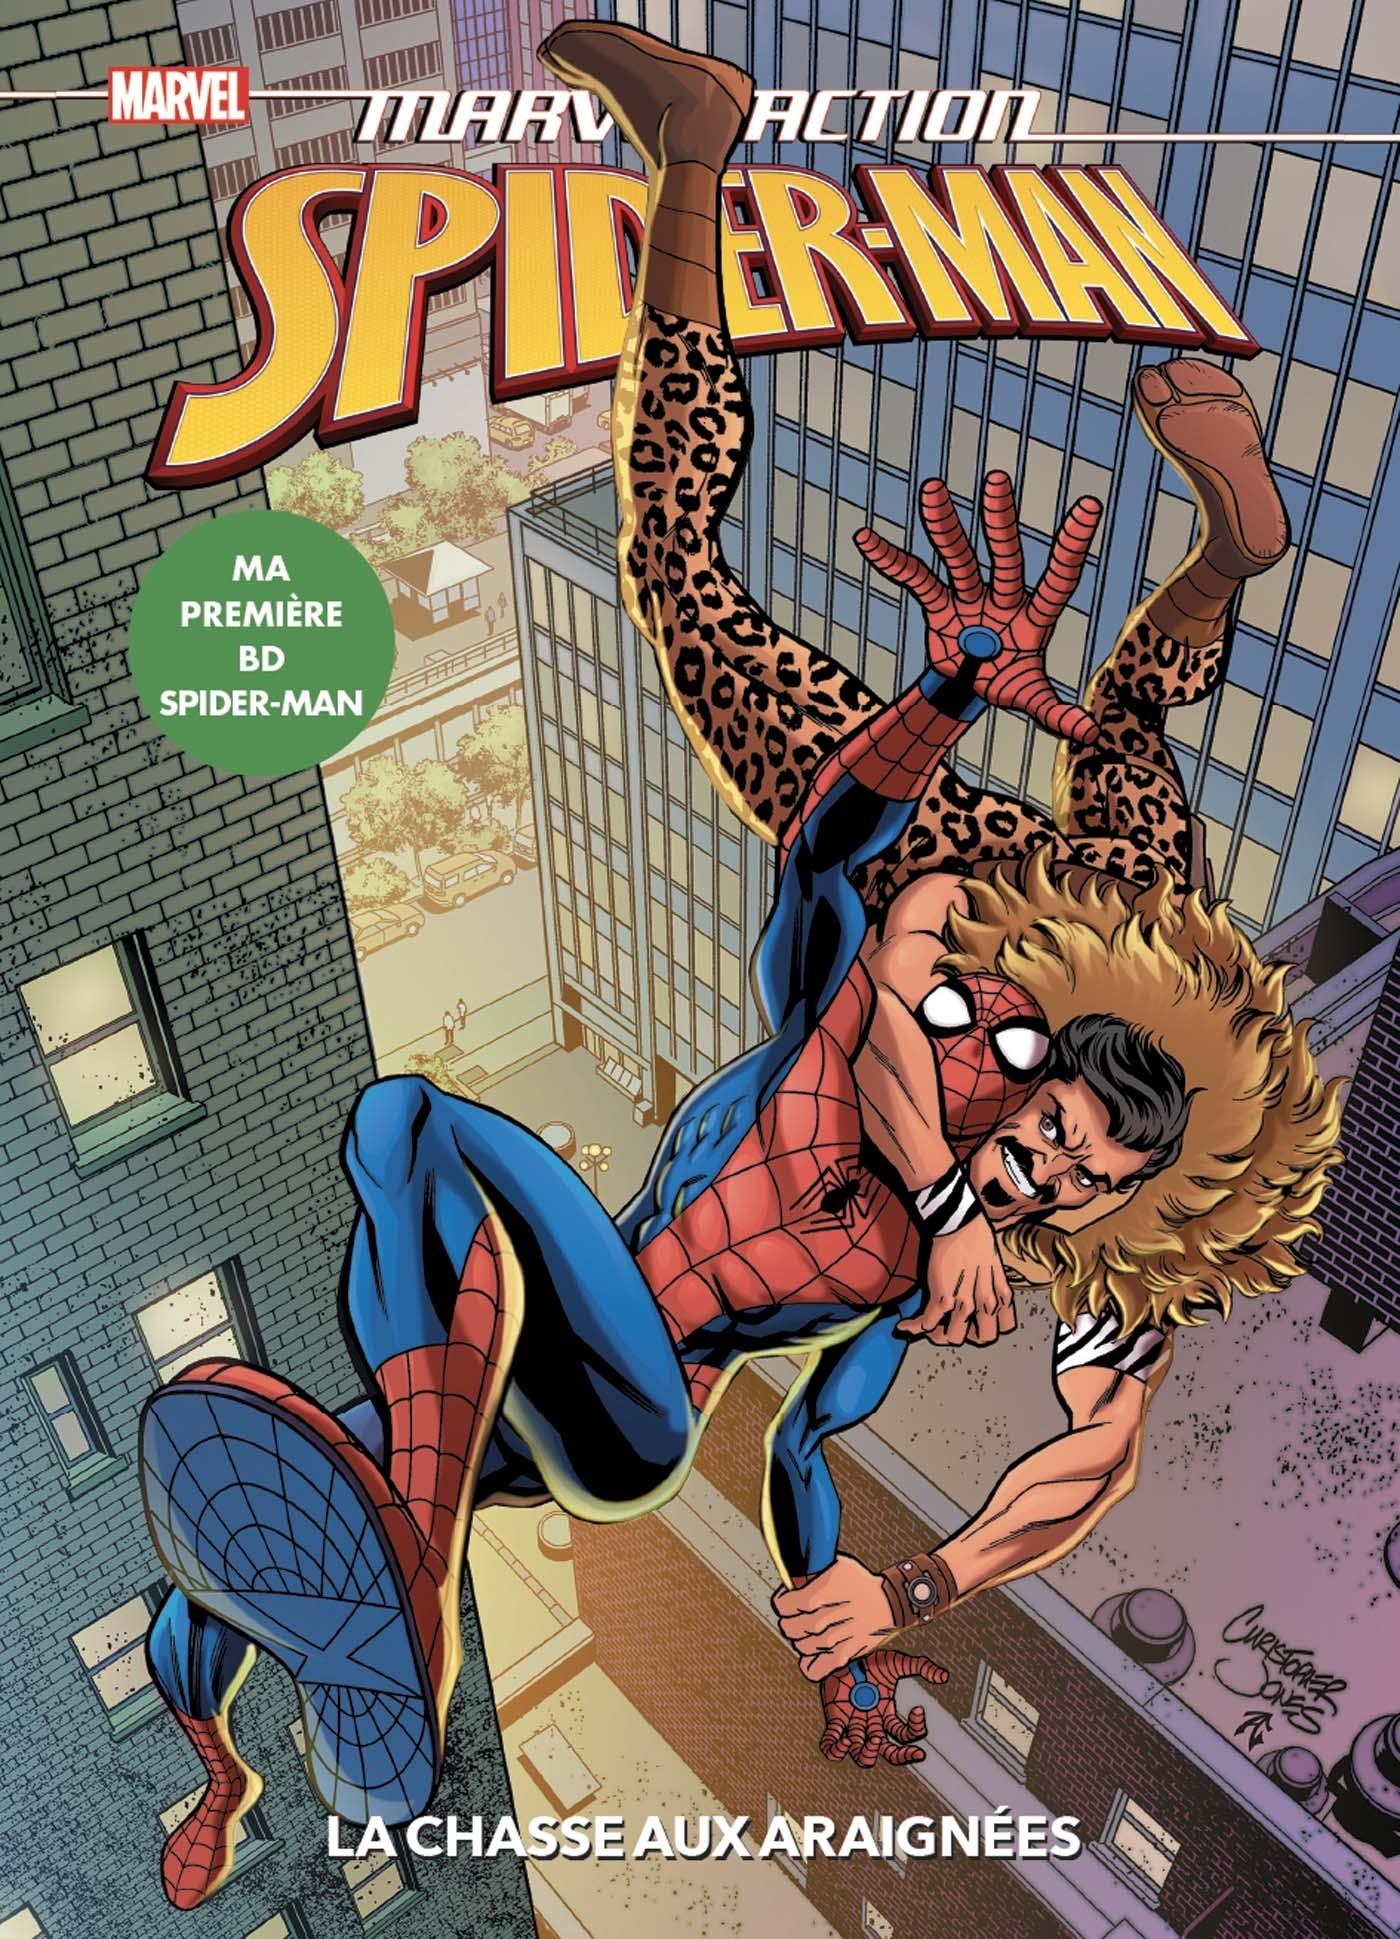 MARVEL ACTION - SPIDER-MAN : LA CHASSE AUX ARAIGNEES